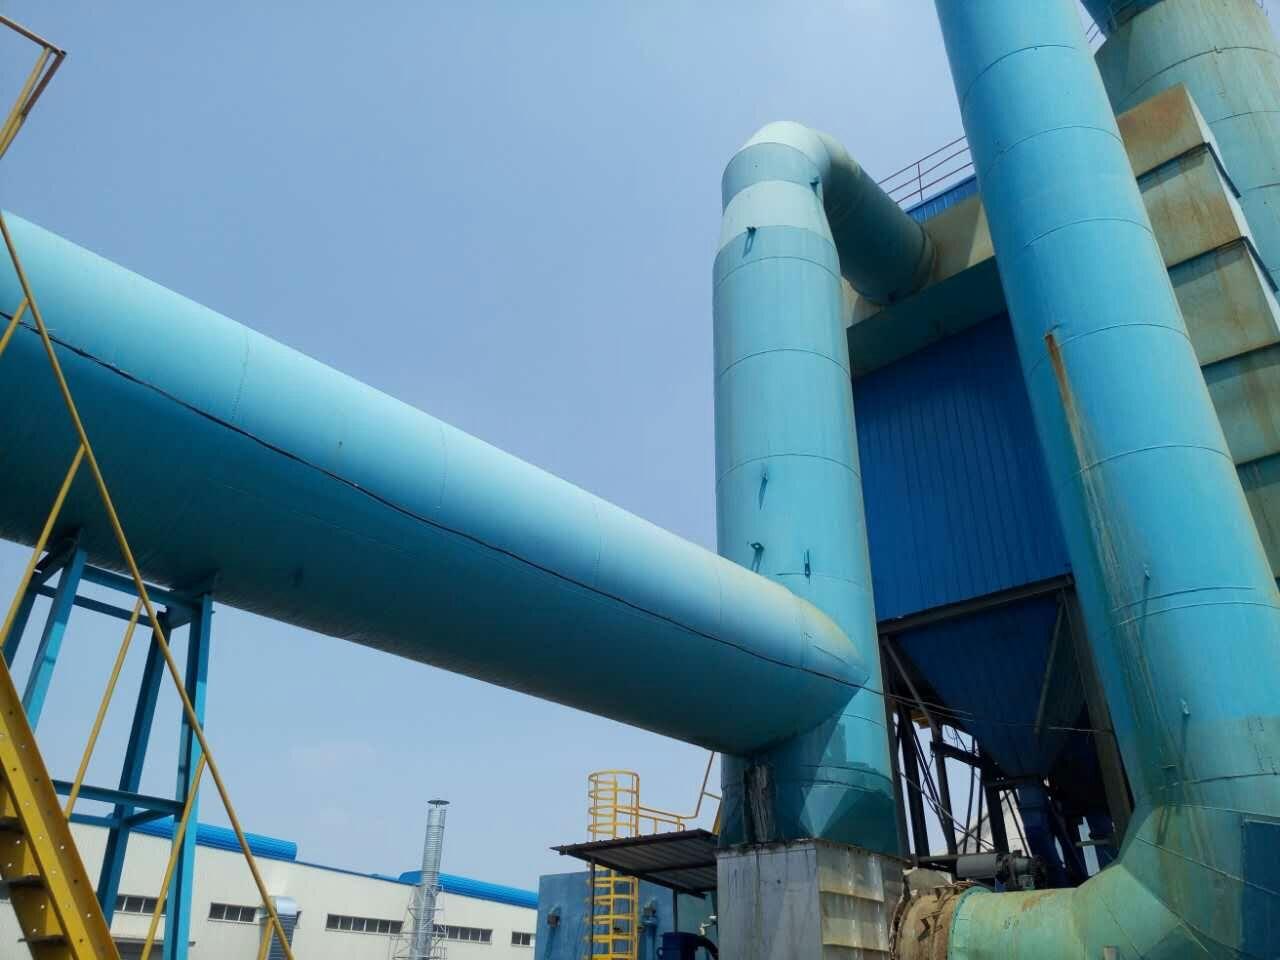 售卖砖厂窑炉脱硫塔锅炉高效脱硫除尘器,上等大型锅炉脱硫塔除尘器广吉供应